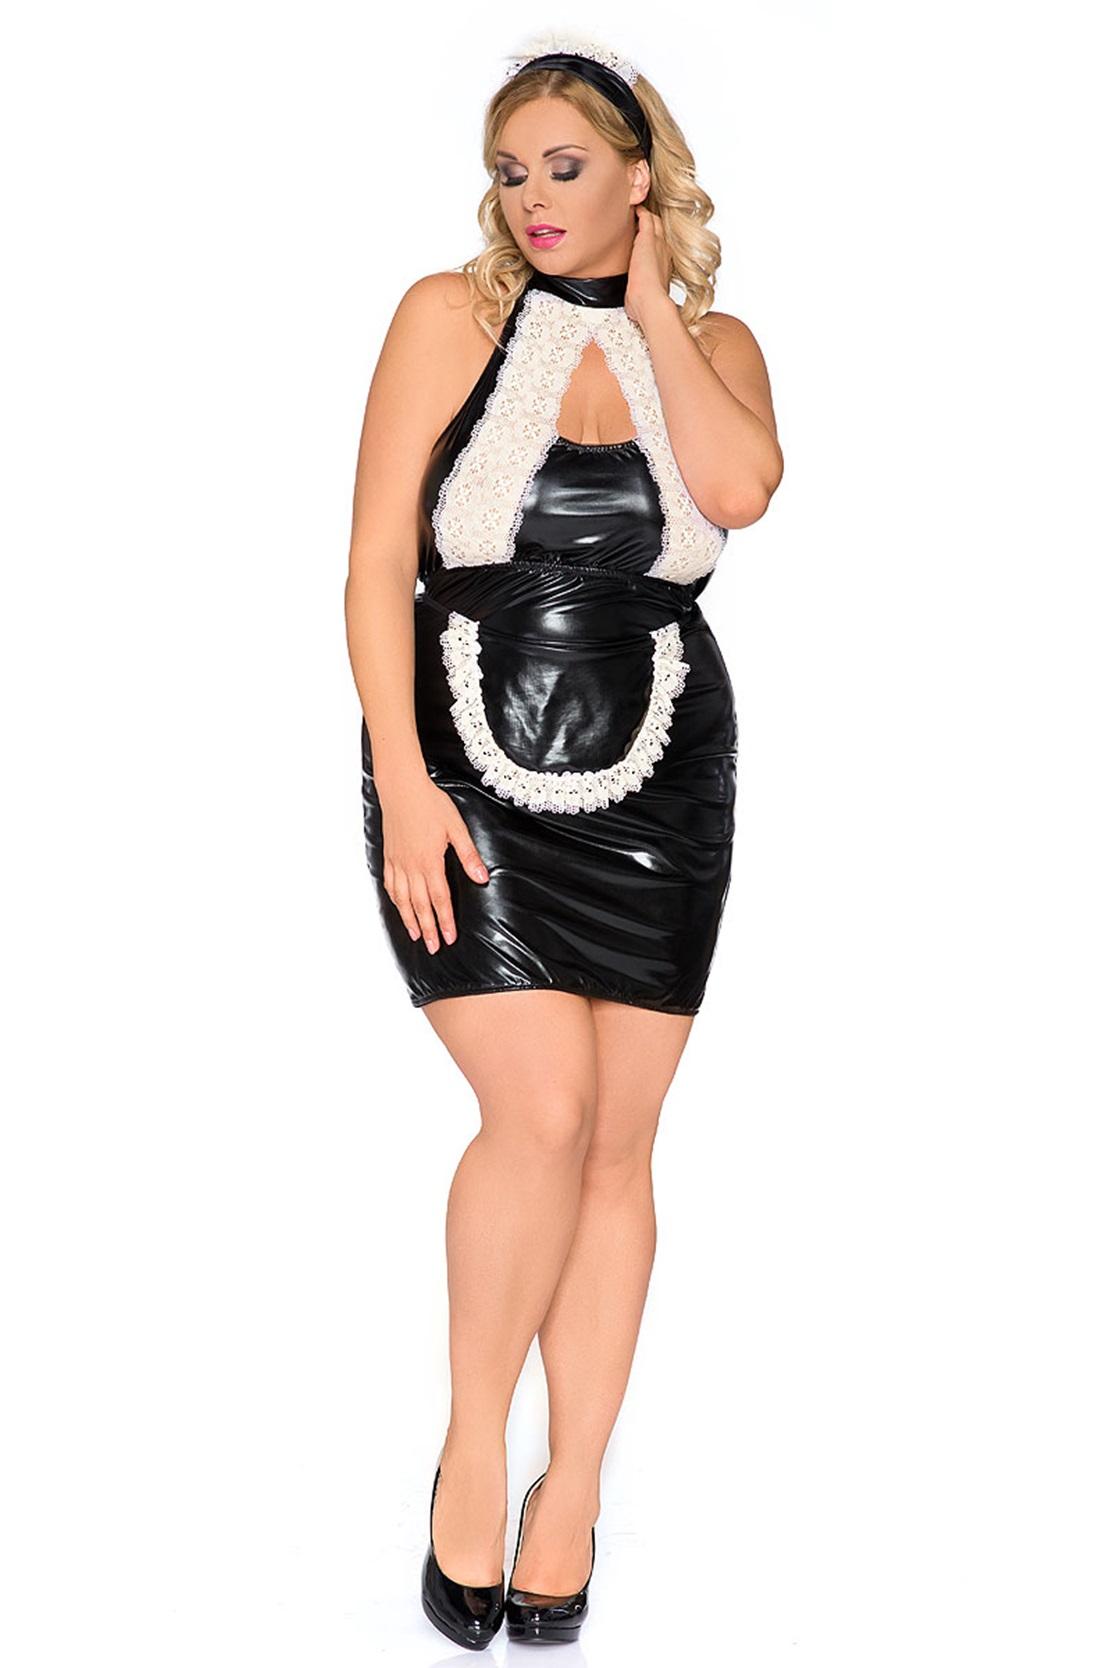 Z/5010 schwarz/weißes Kellnerin Outfit von Andalea Dessous